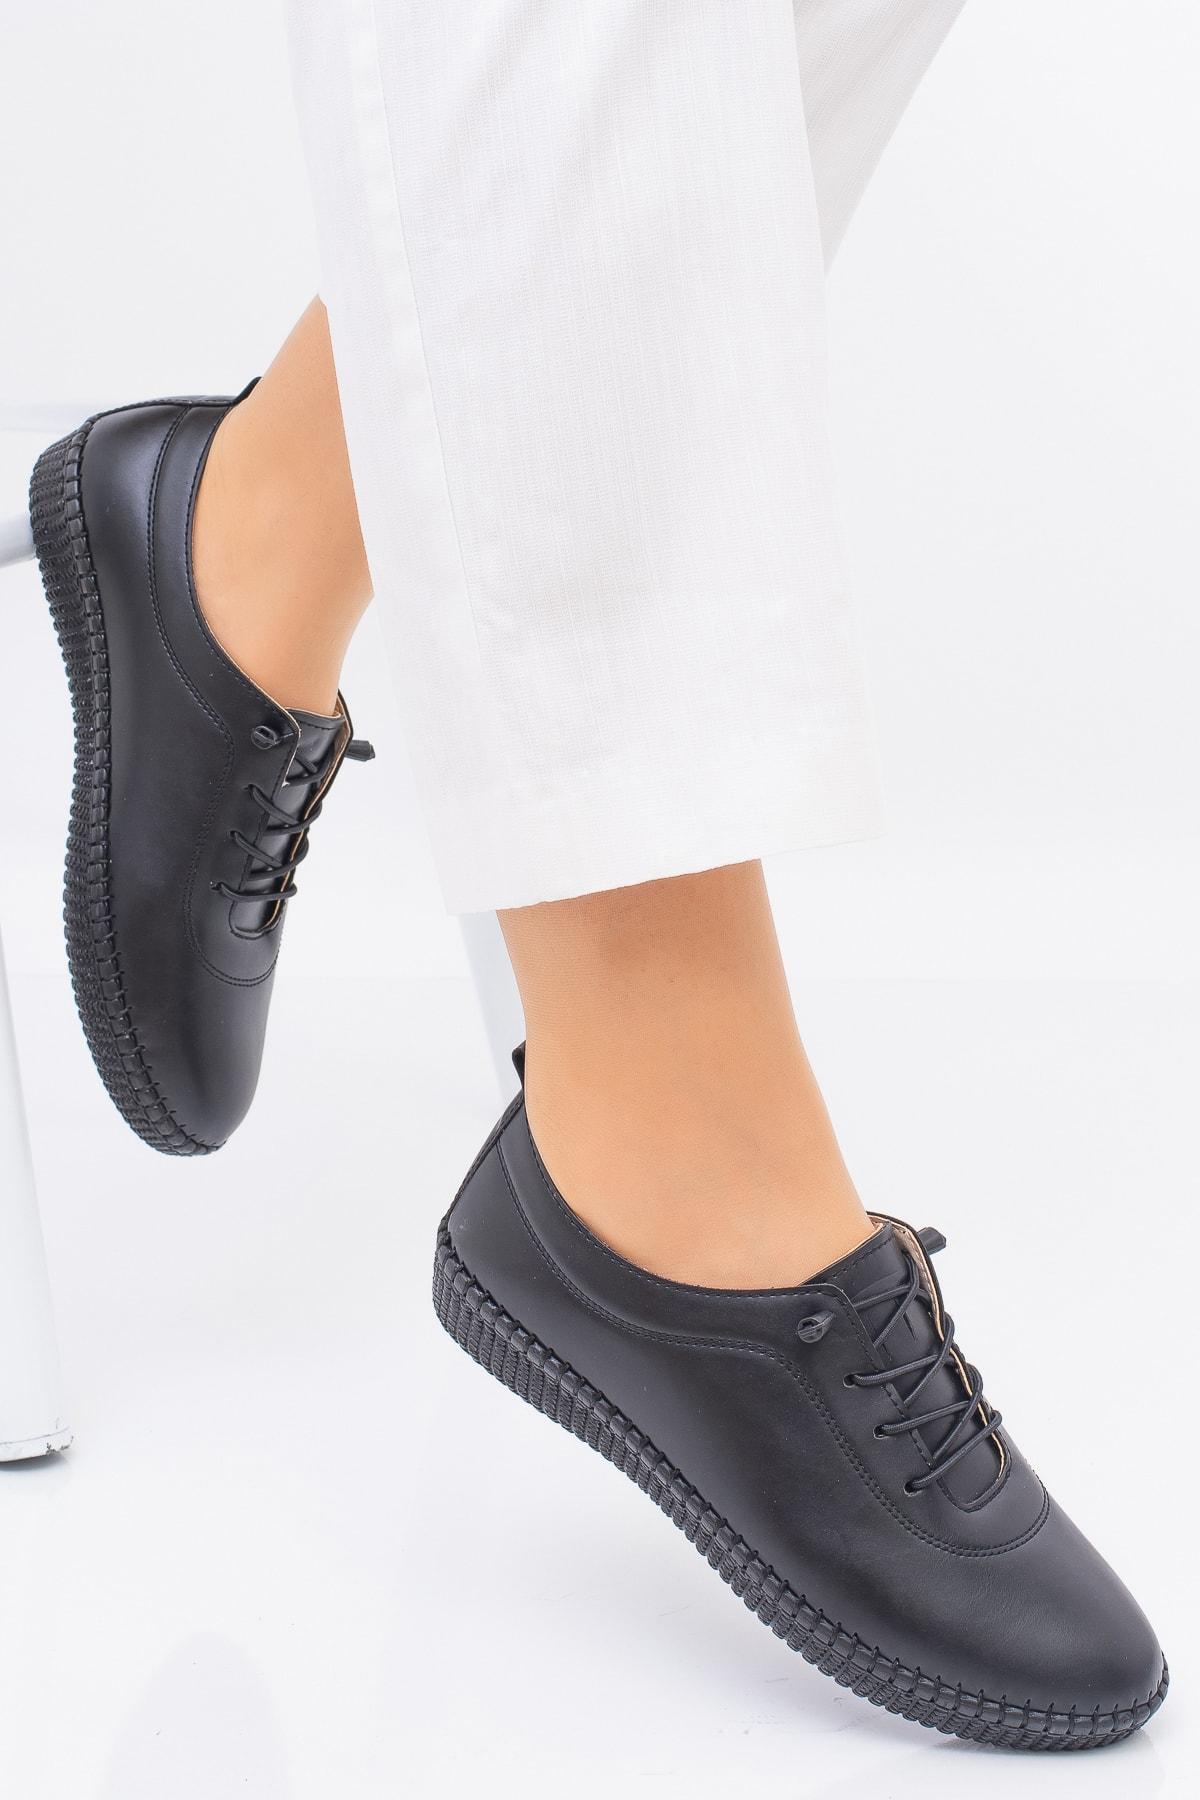 MelikaWalker Kadın Siyah Ortopedik Ayakkabısı 2